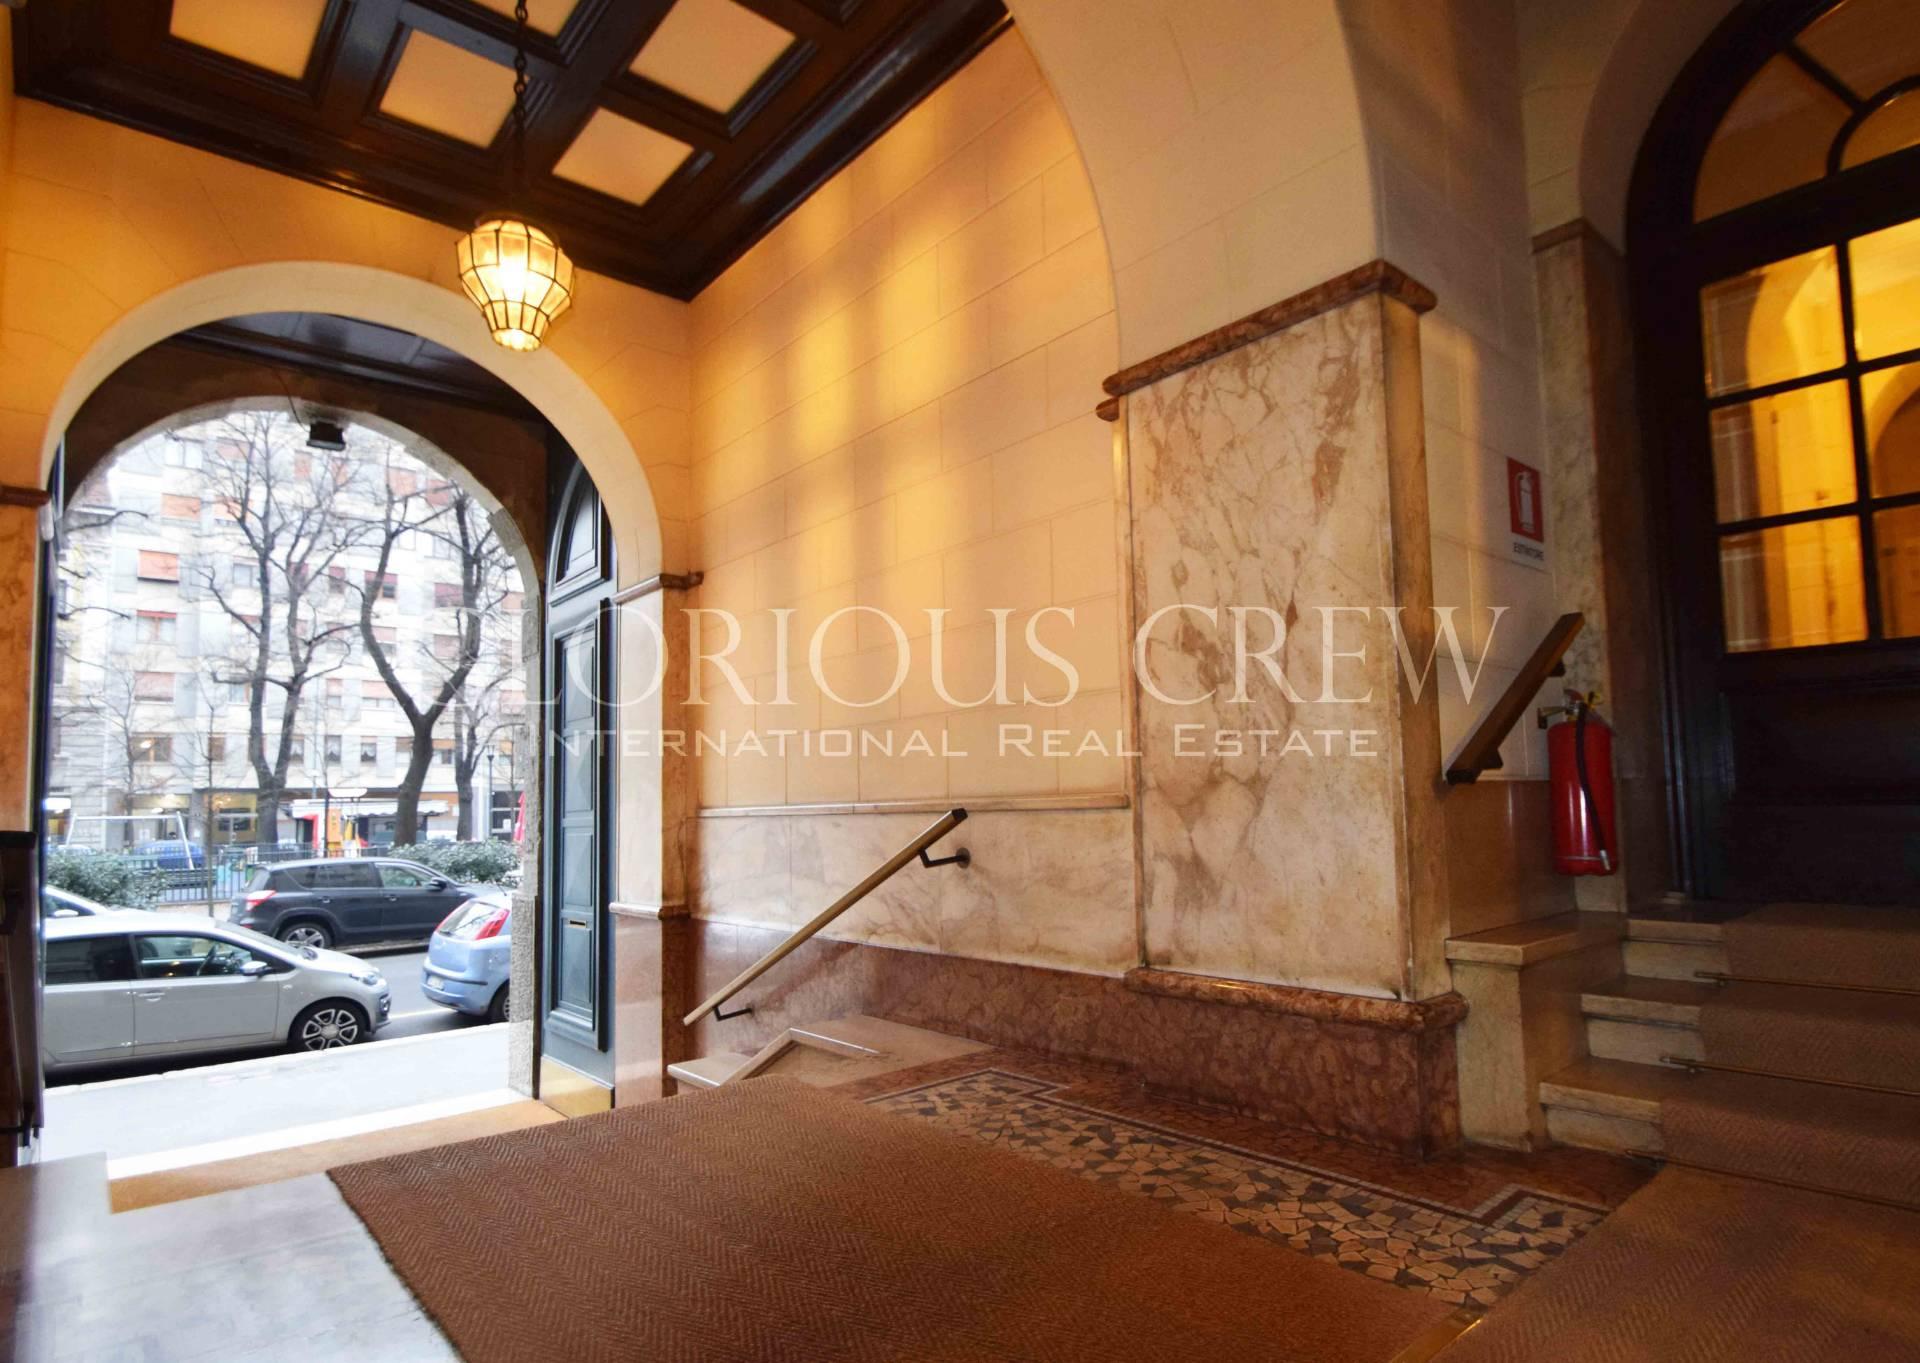 Ufficio-studio in Affitto a Milano:  3 locali, 132 mq  - Foto 1